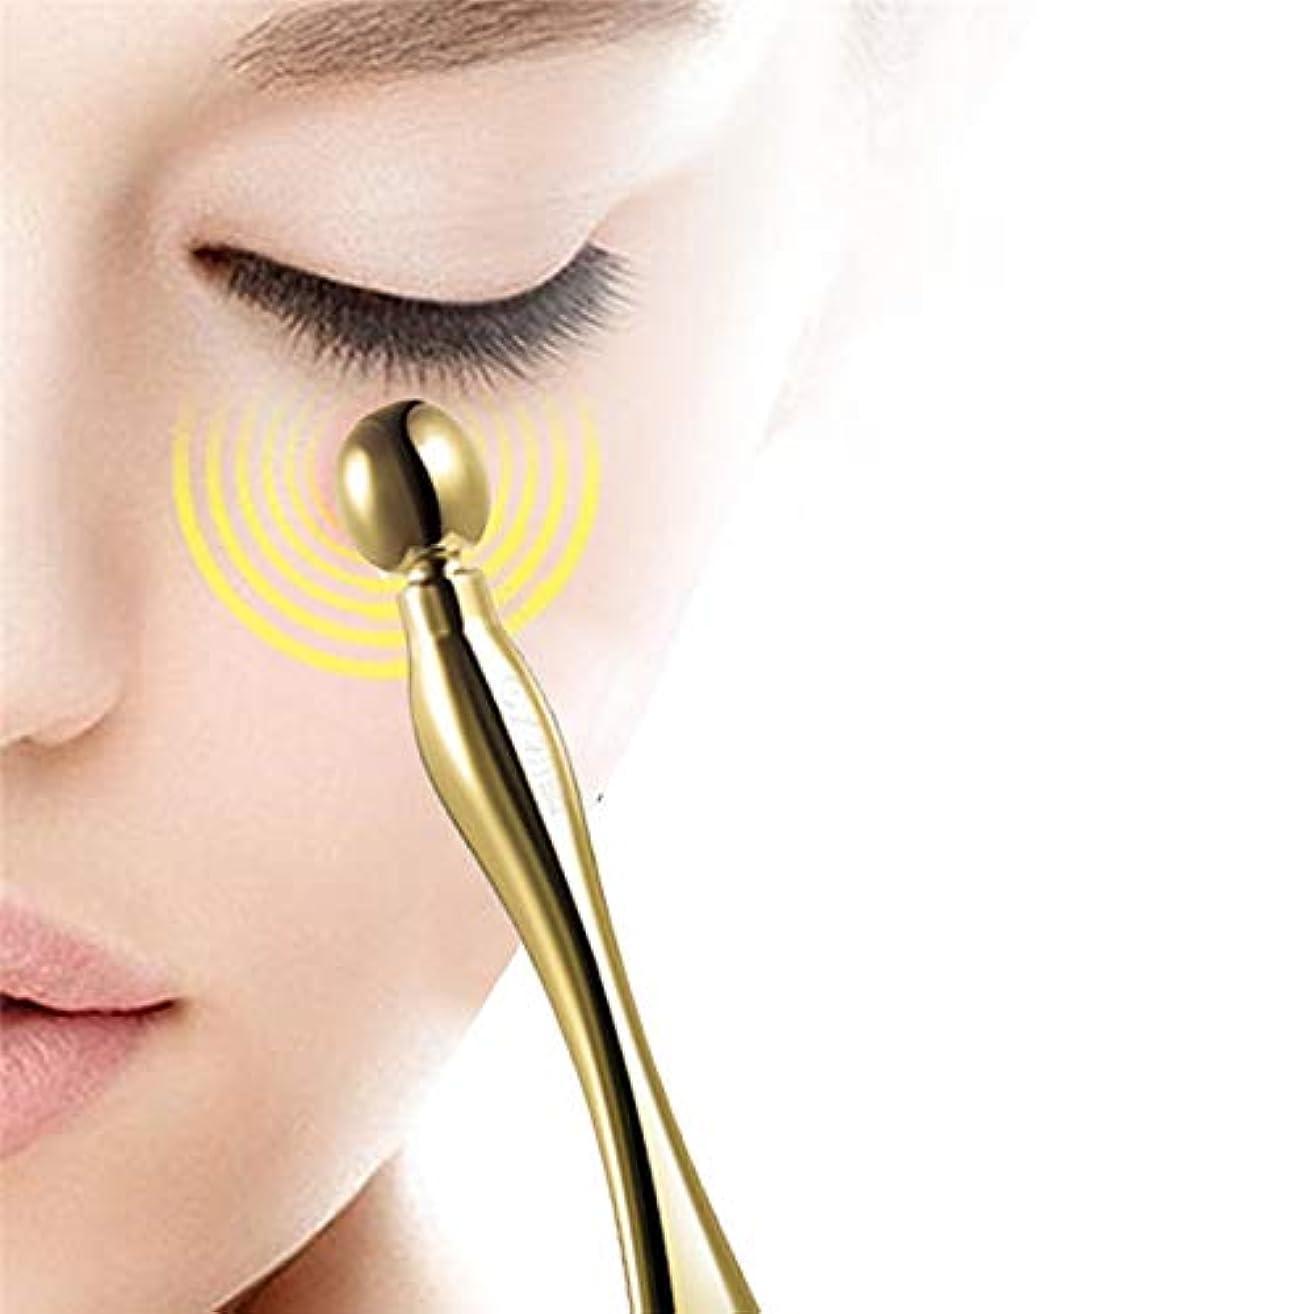 深さブラスト卵NOTE 1ピース睡眠アイマスクへらフェイスリフトアイマッサージ美容ツールダークサークルアイクリーム分割スクープマッサージスティック